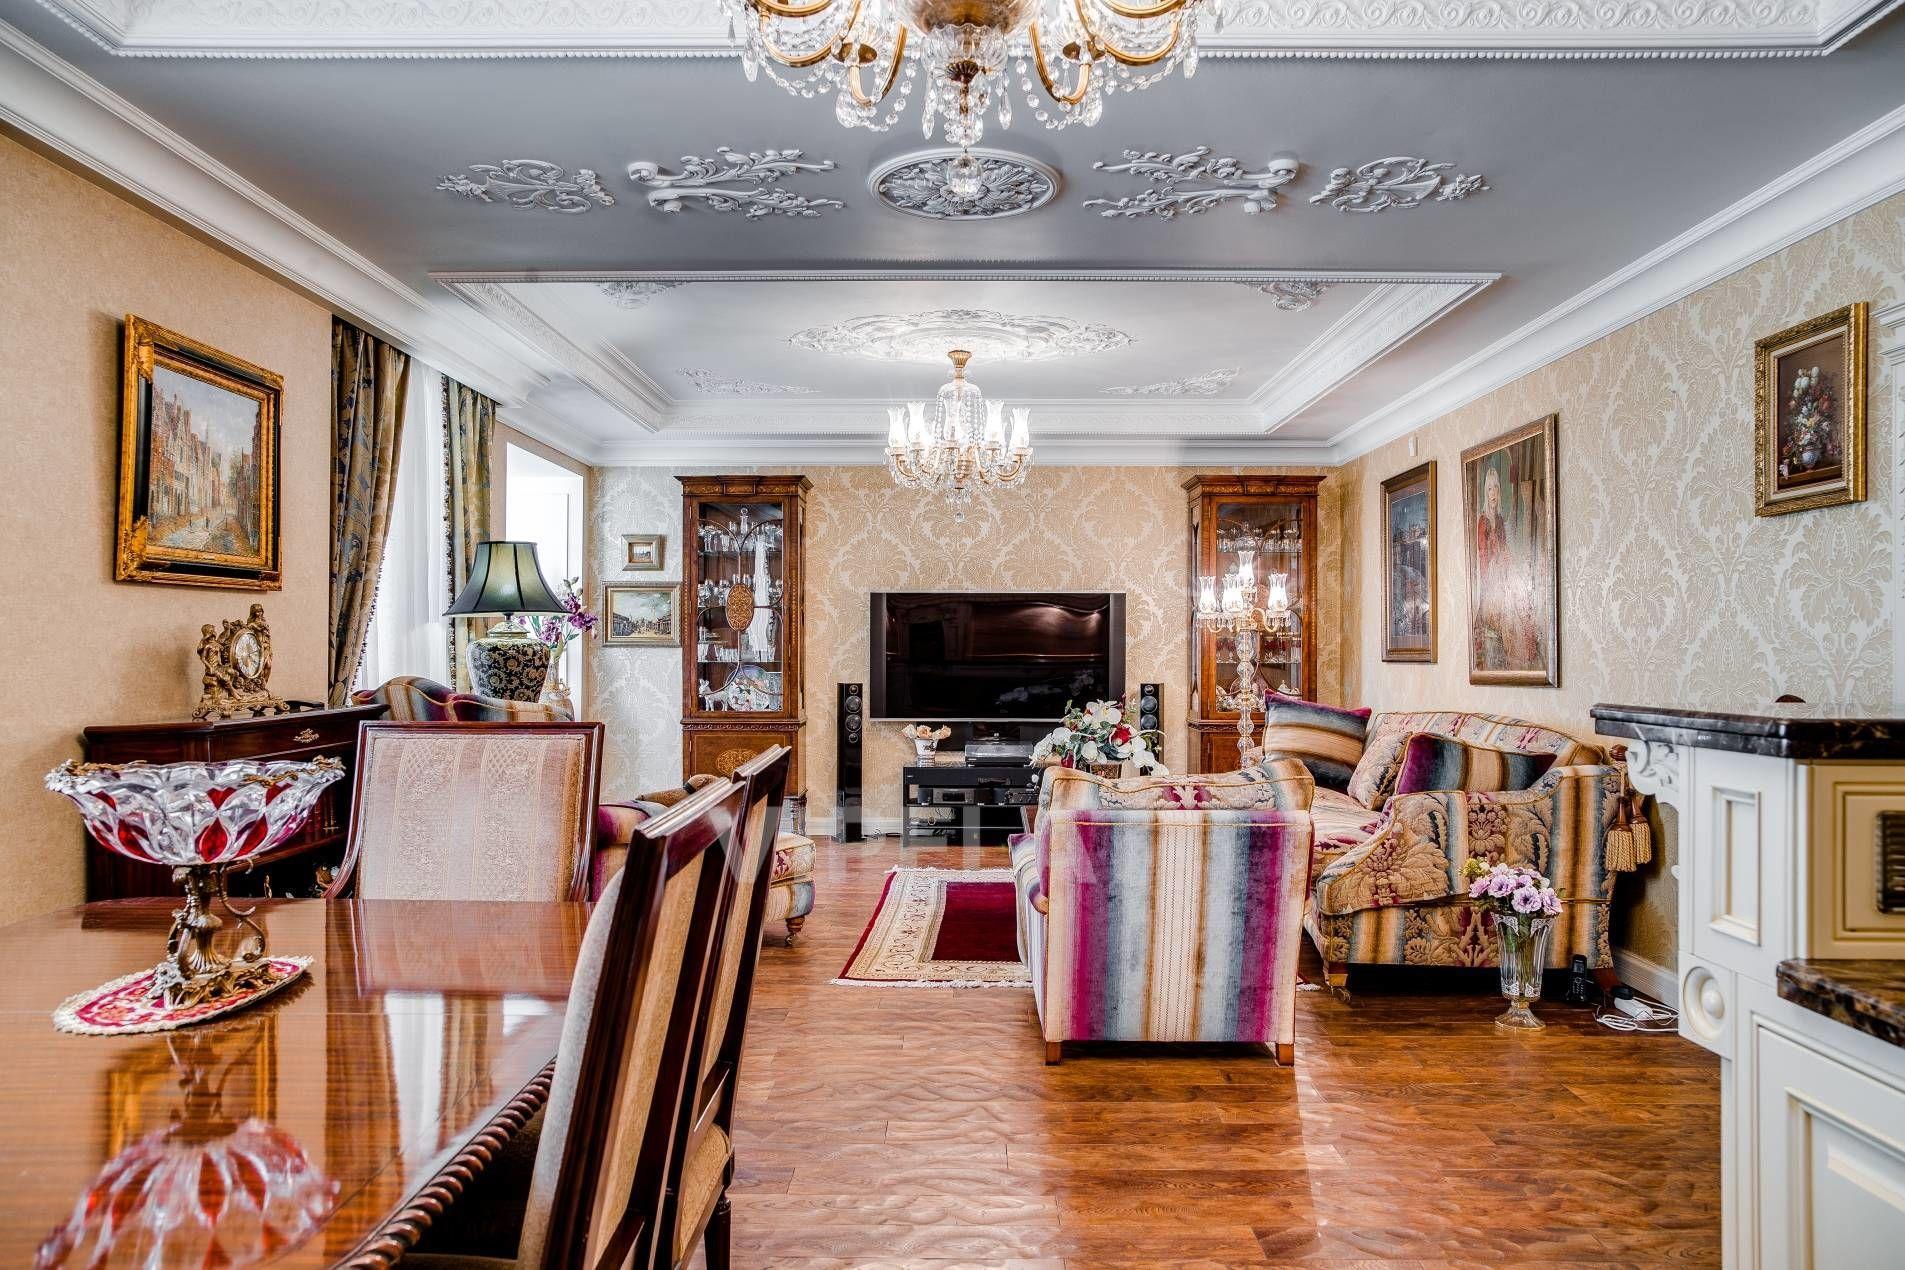 Продажа элитных квартир Санкт-Петербурга. Фрунзе ул., 19 к. 2 В гостиной много воздуха и света